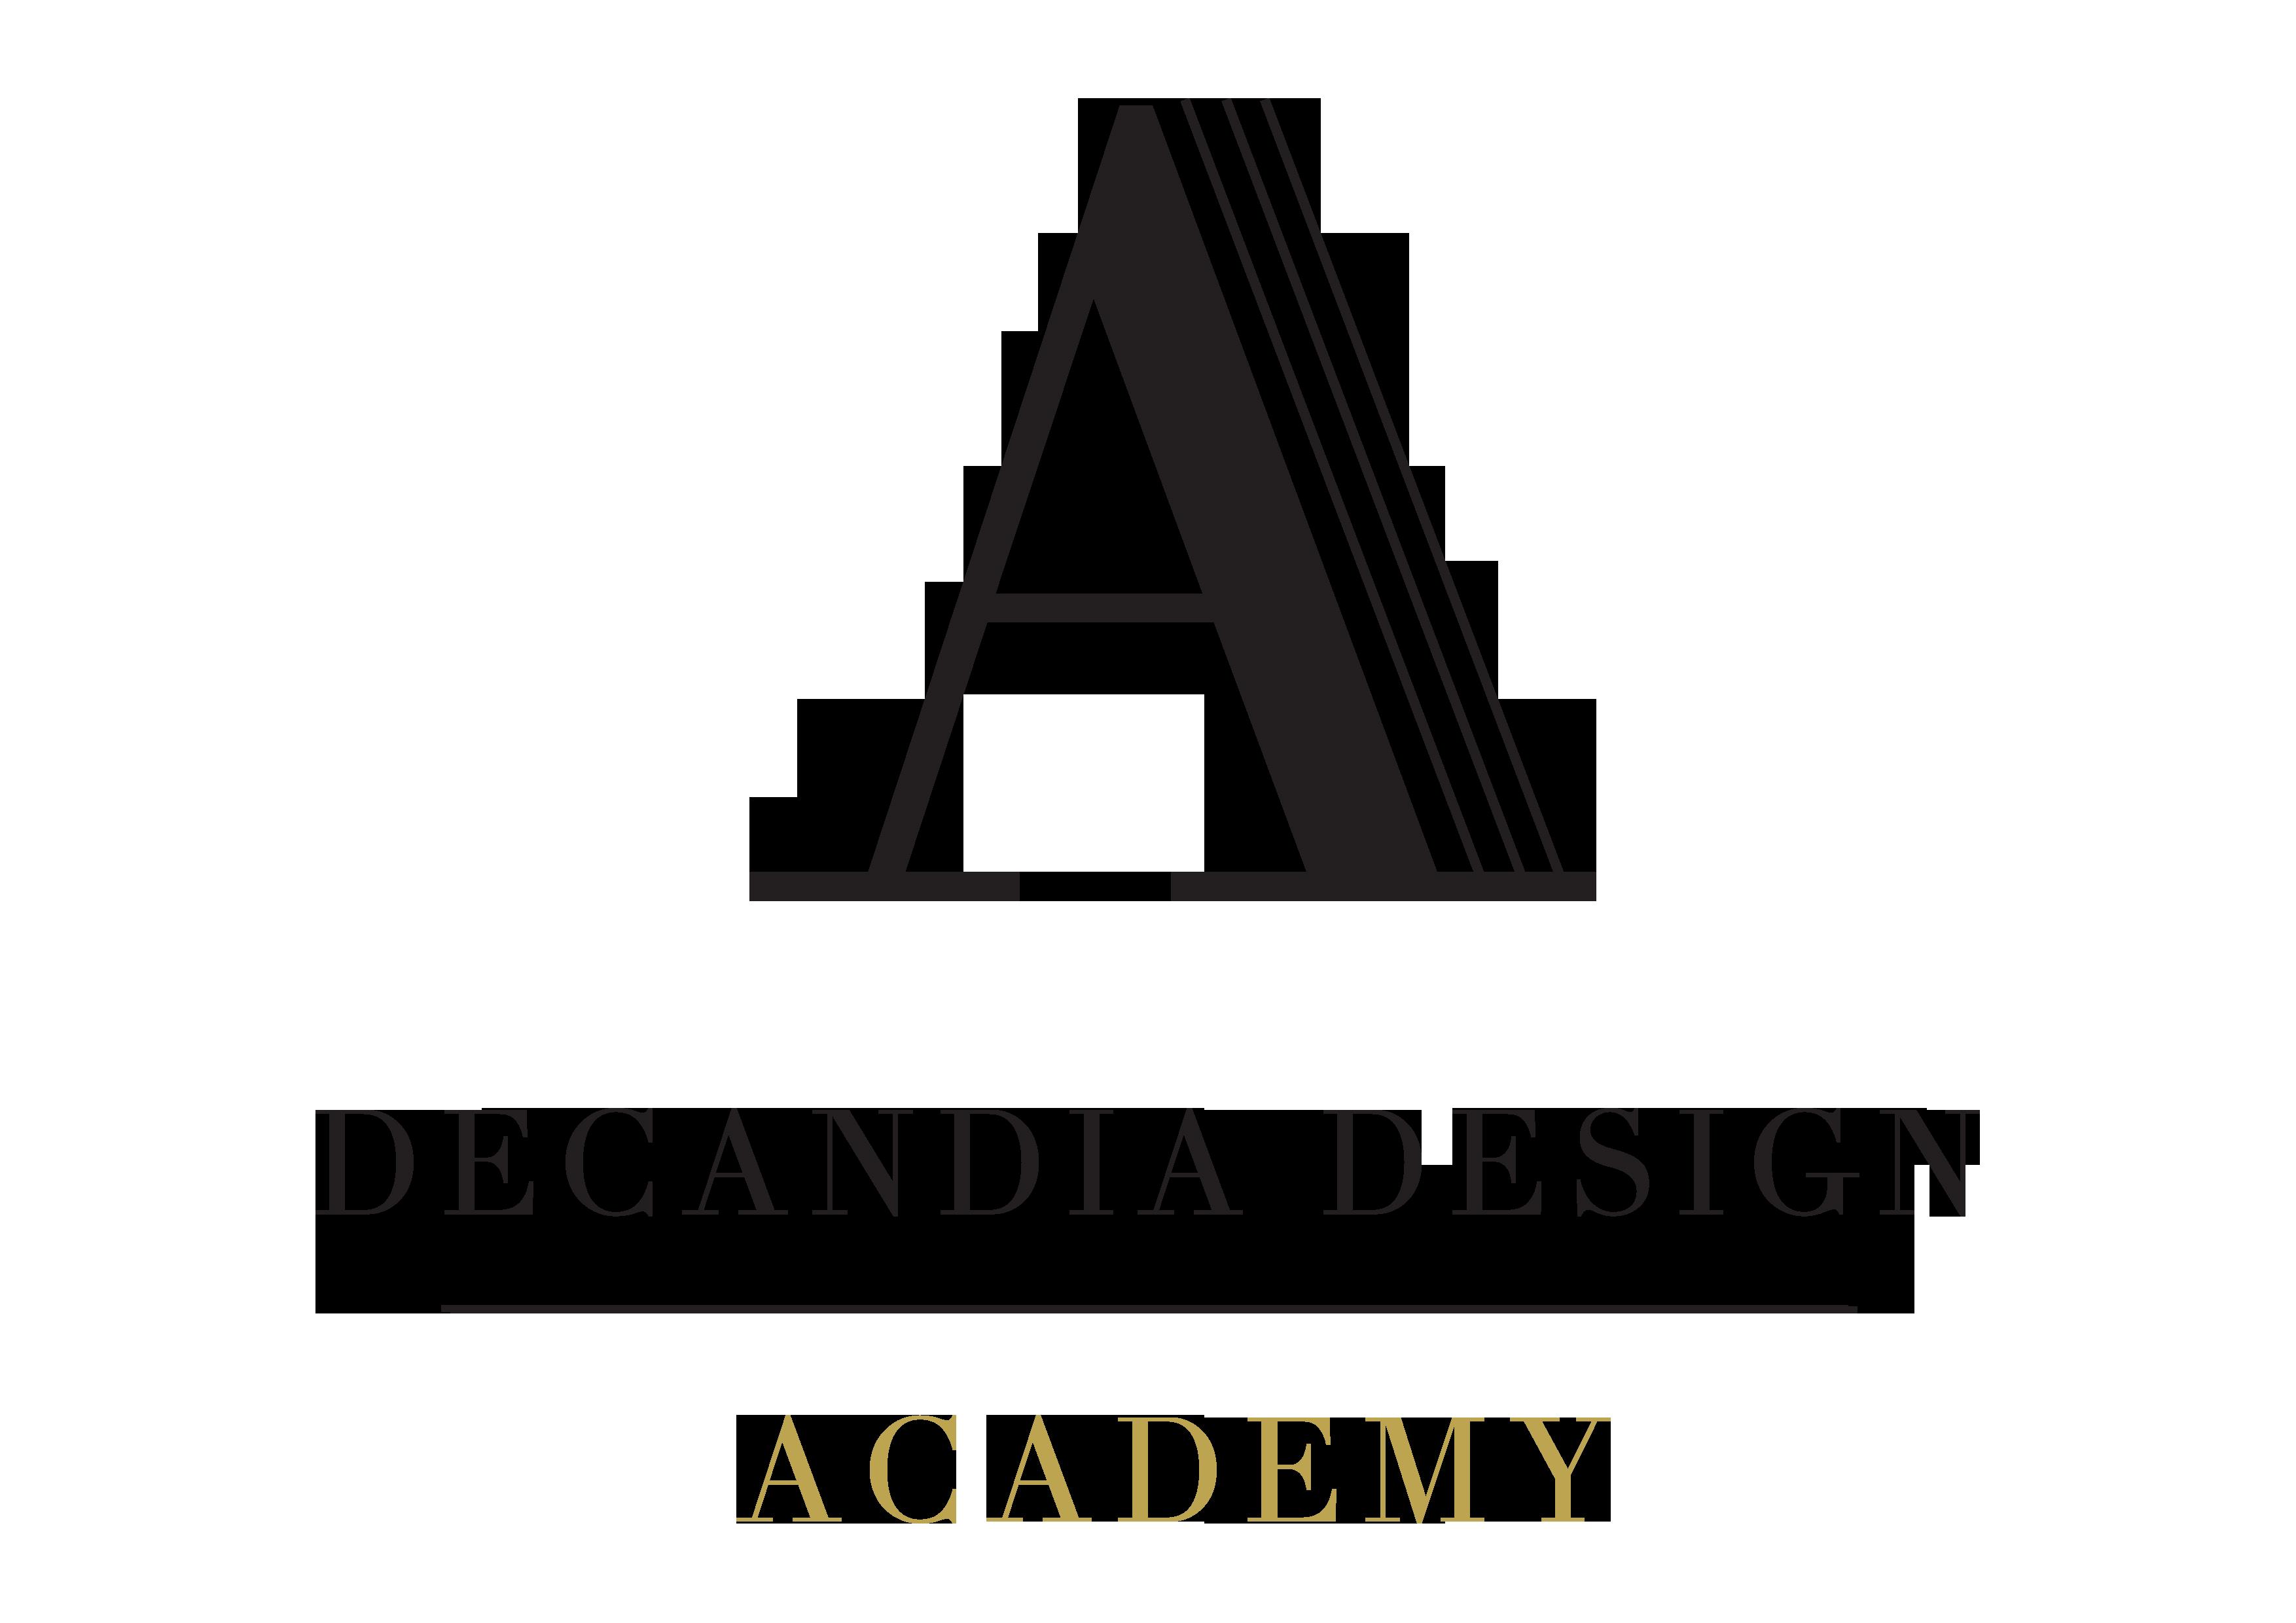 DeCandia Design Academy